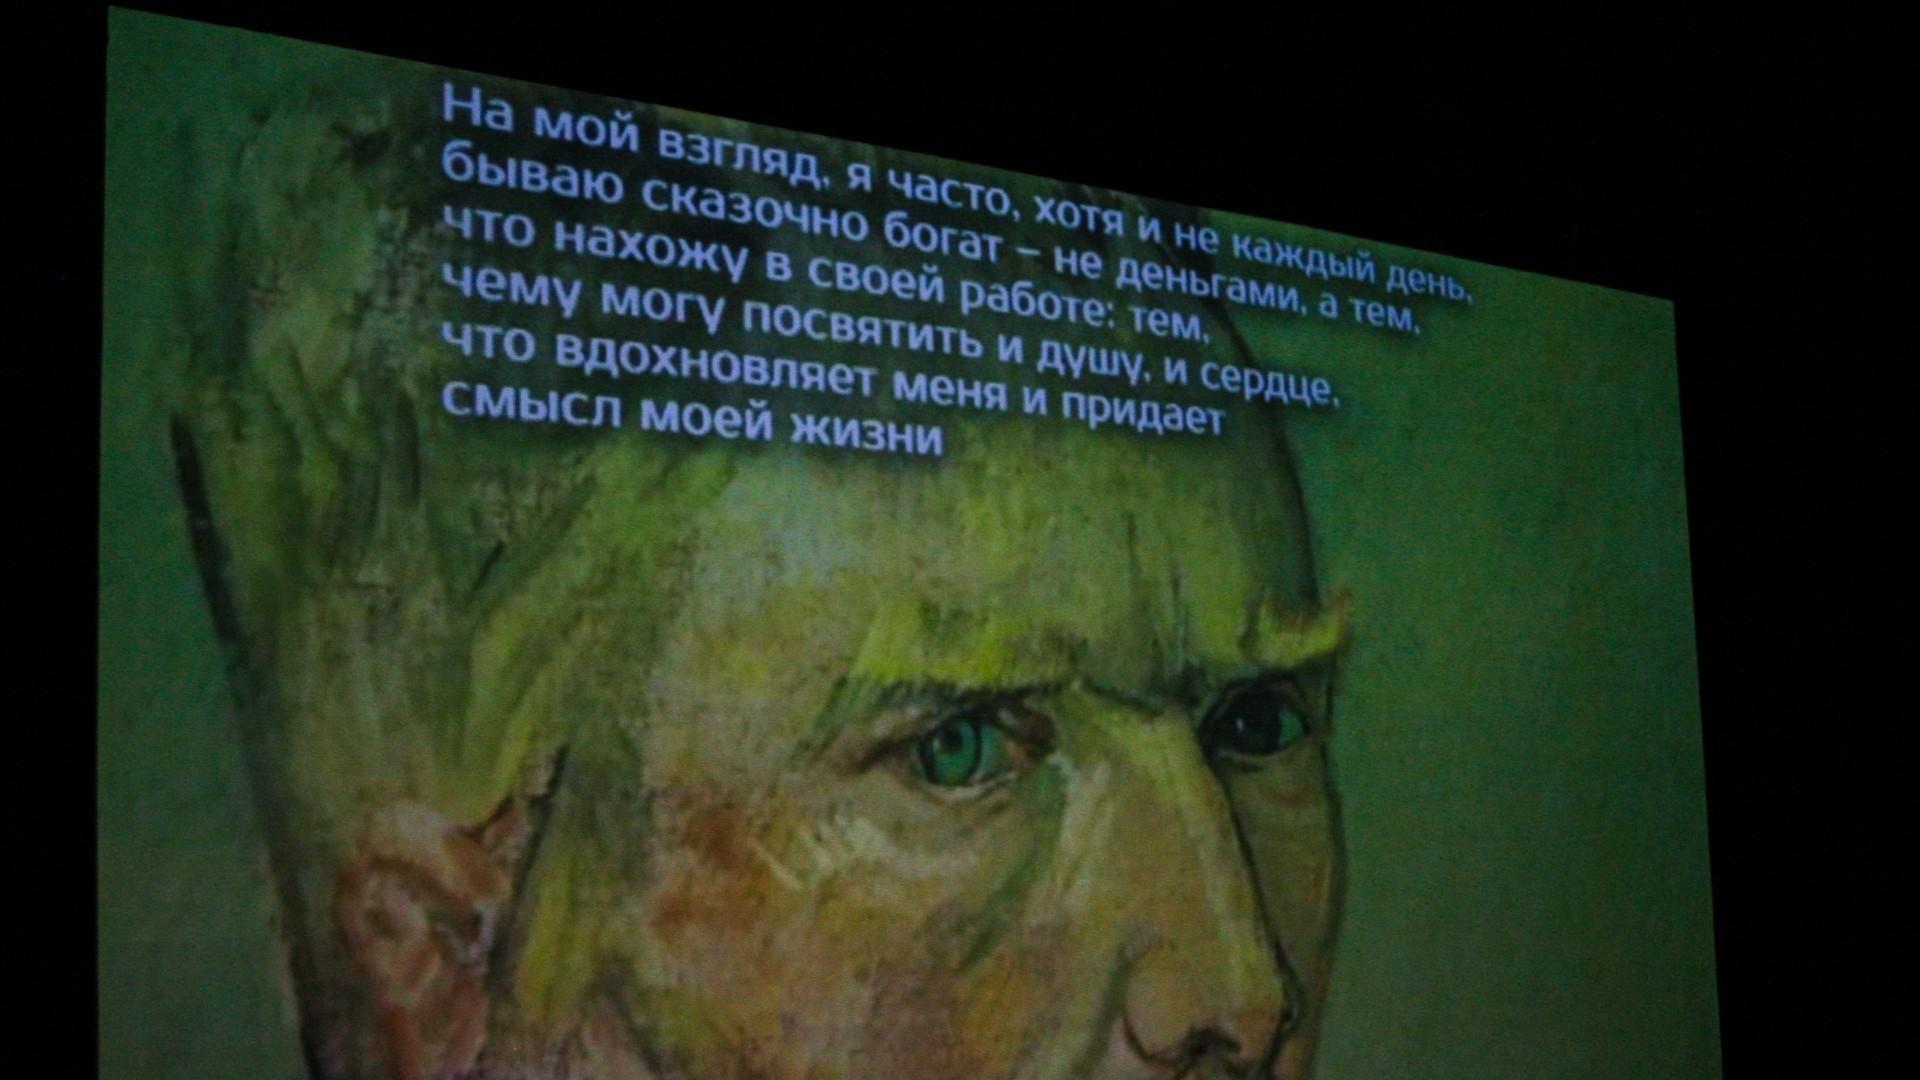 Максим Волков: «Ван Гог. Ожившие полотна» — выставка, где человеческое нутро и эмоции художника взаимодействуют напрямую»